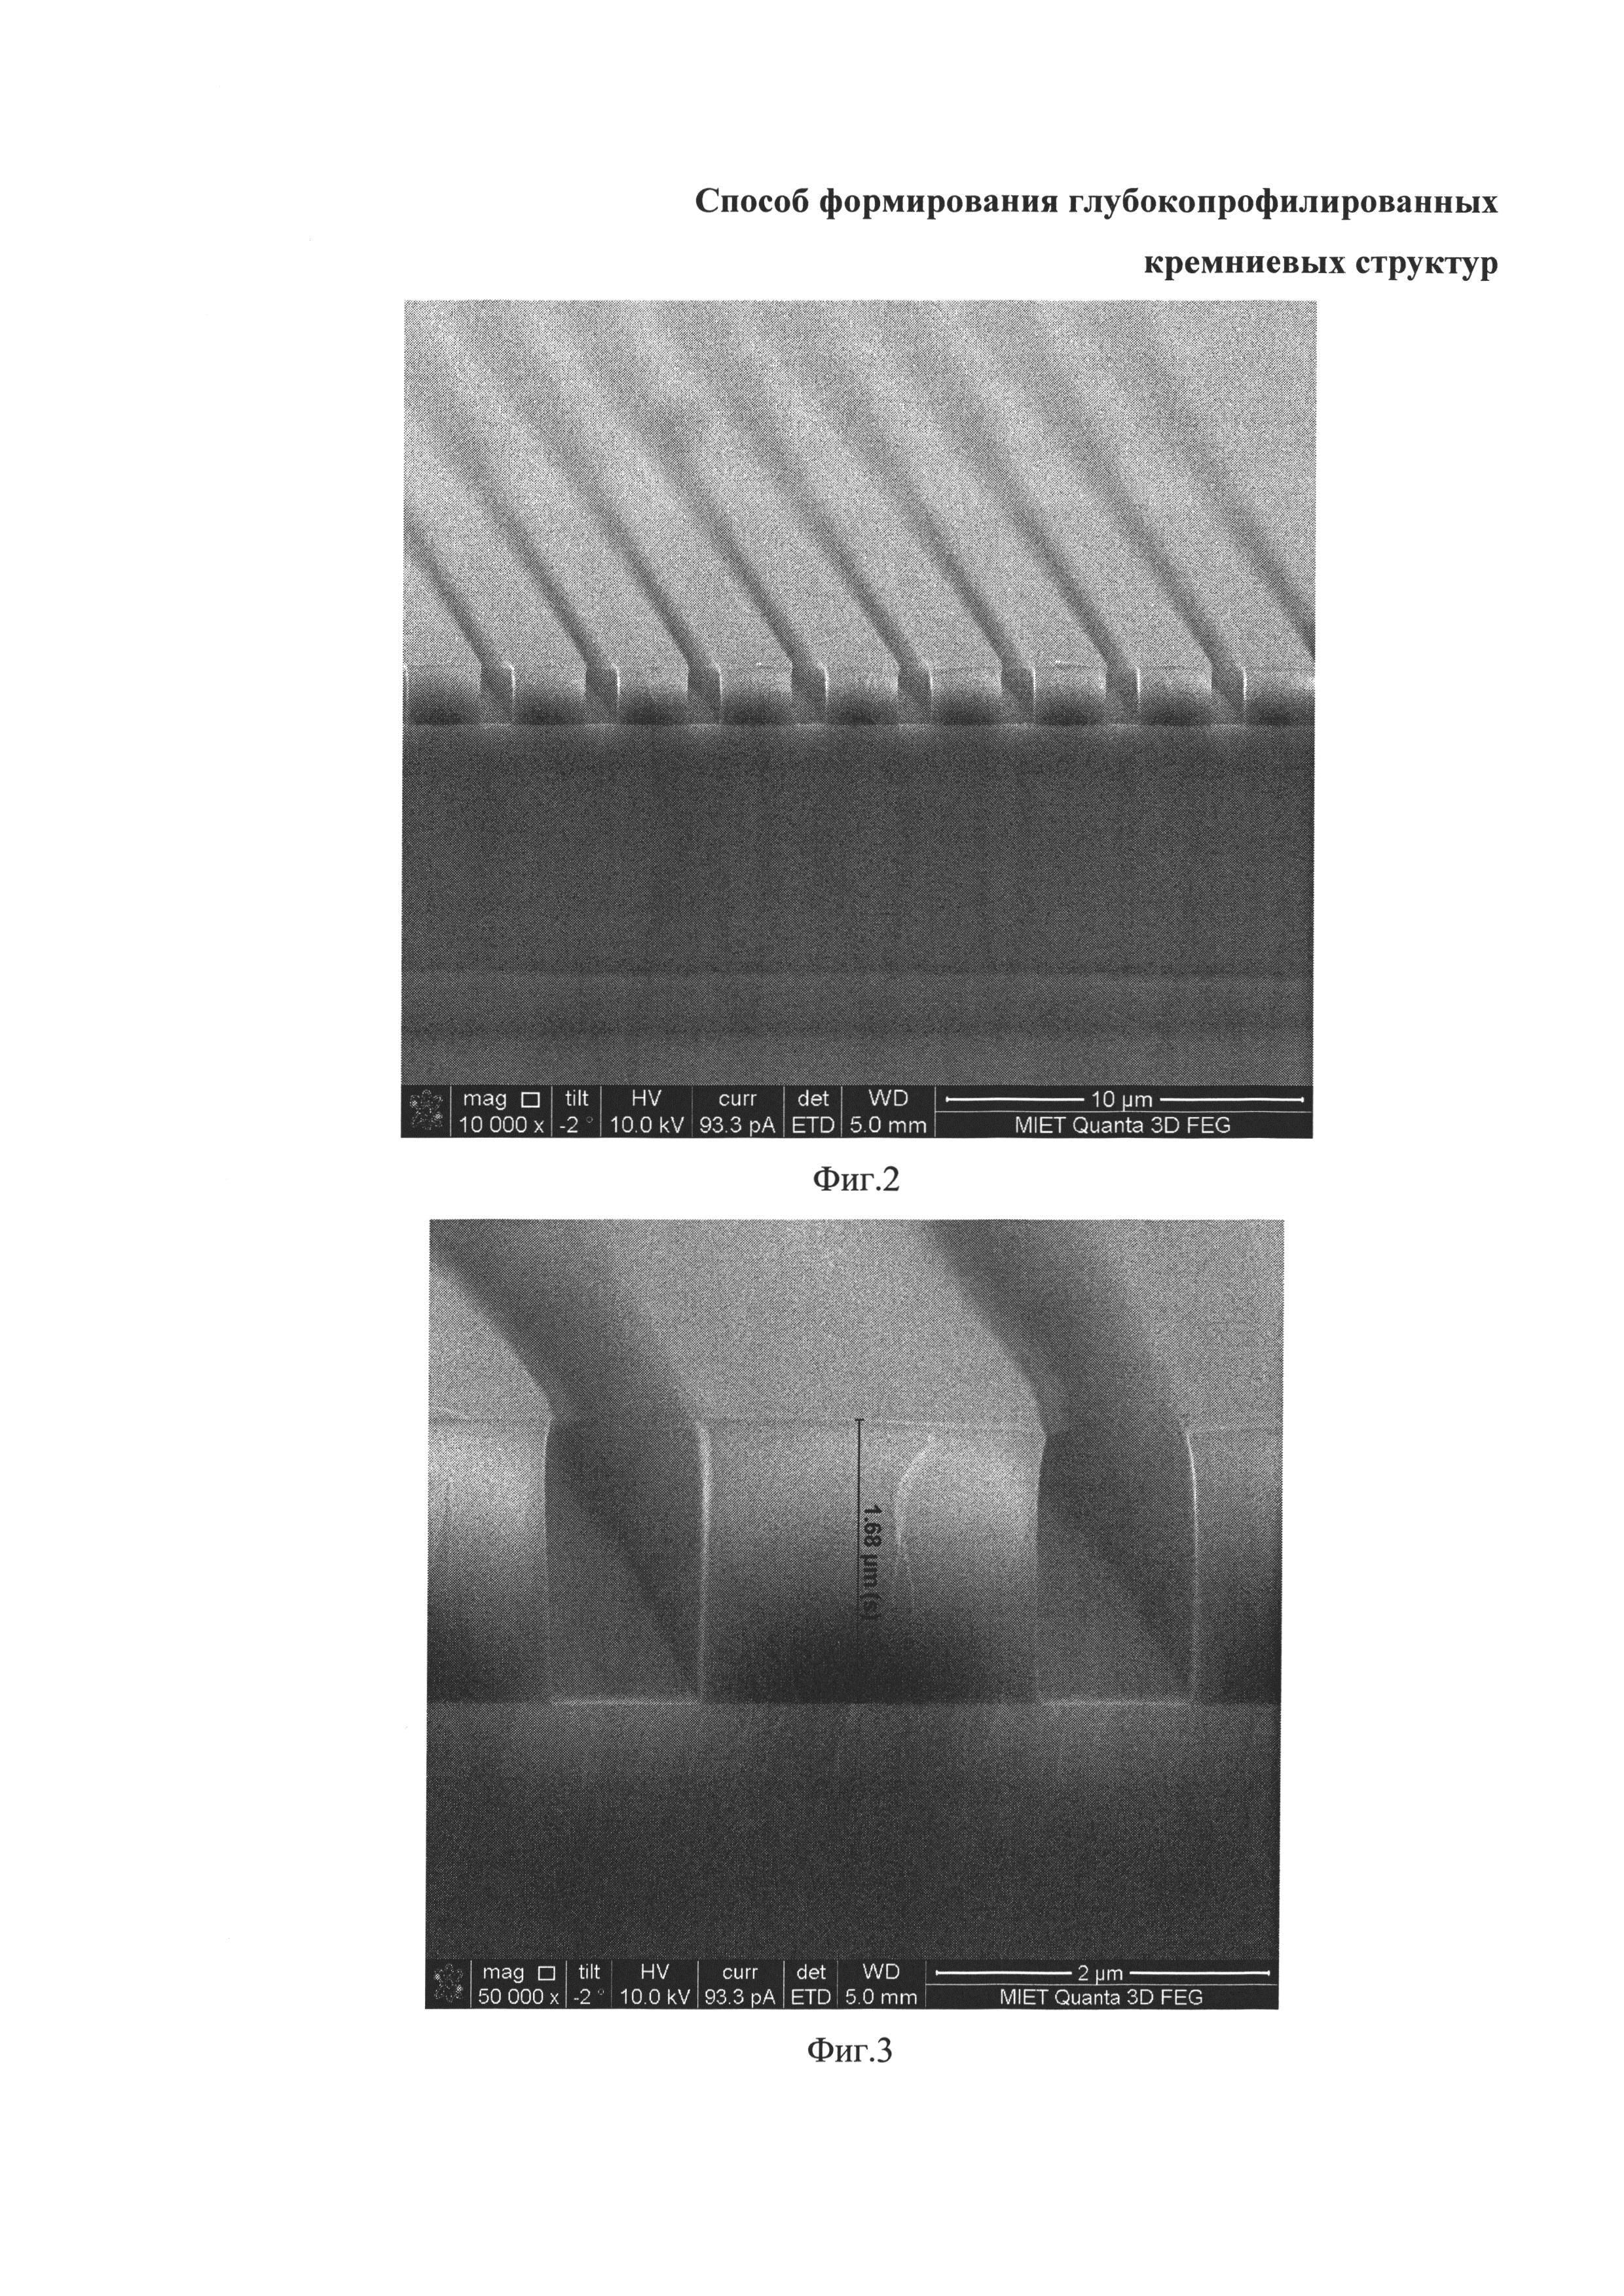 Способ формирования глубокопрофилированных кремниевых структур